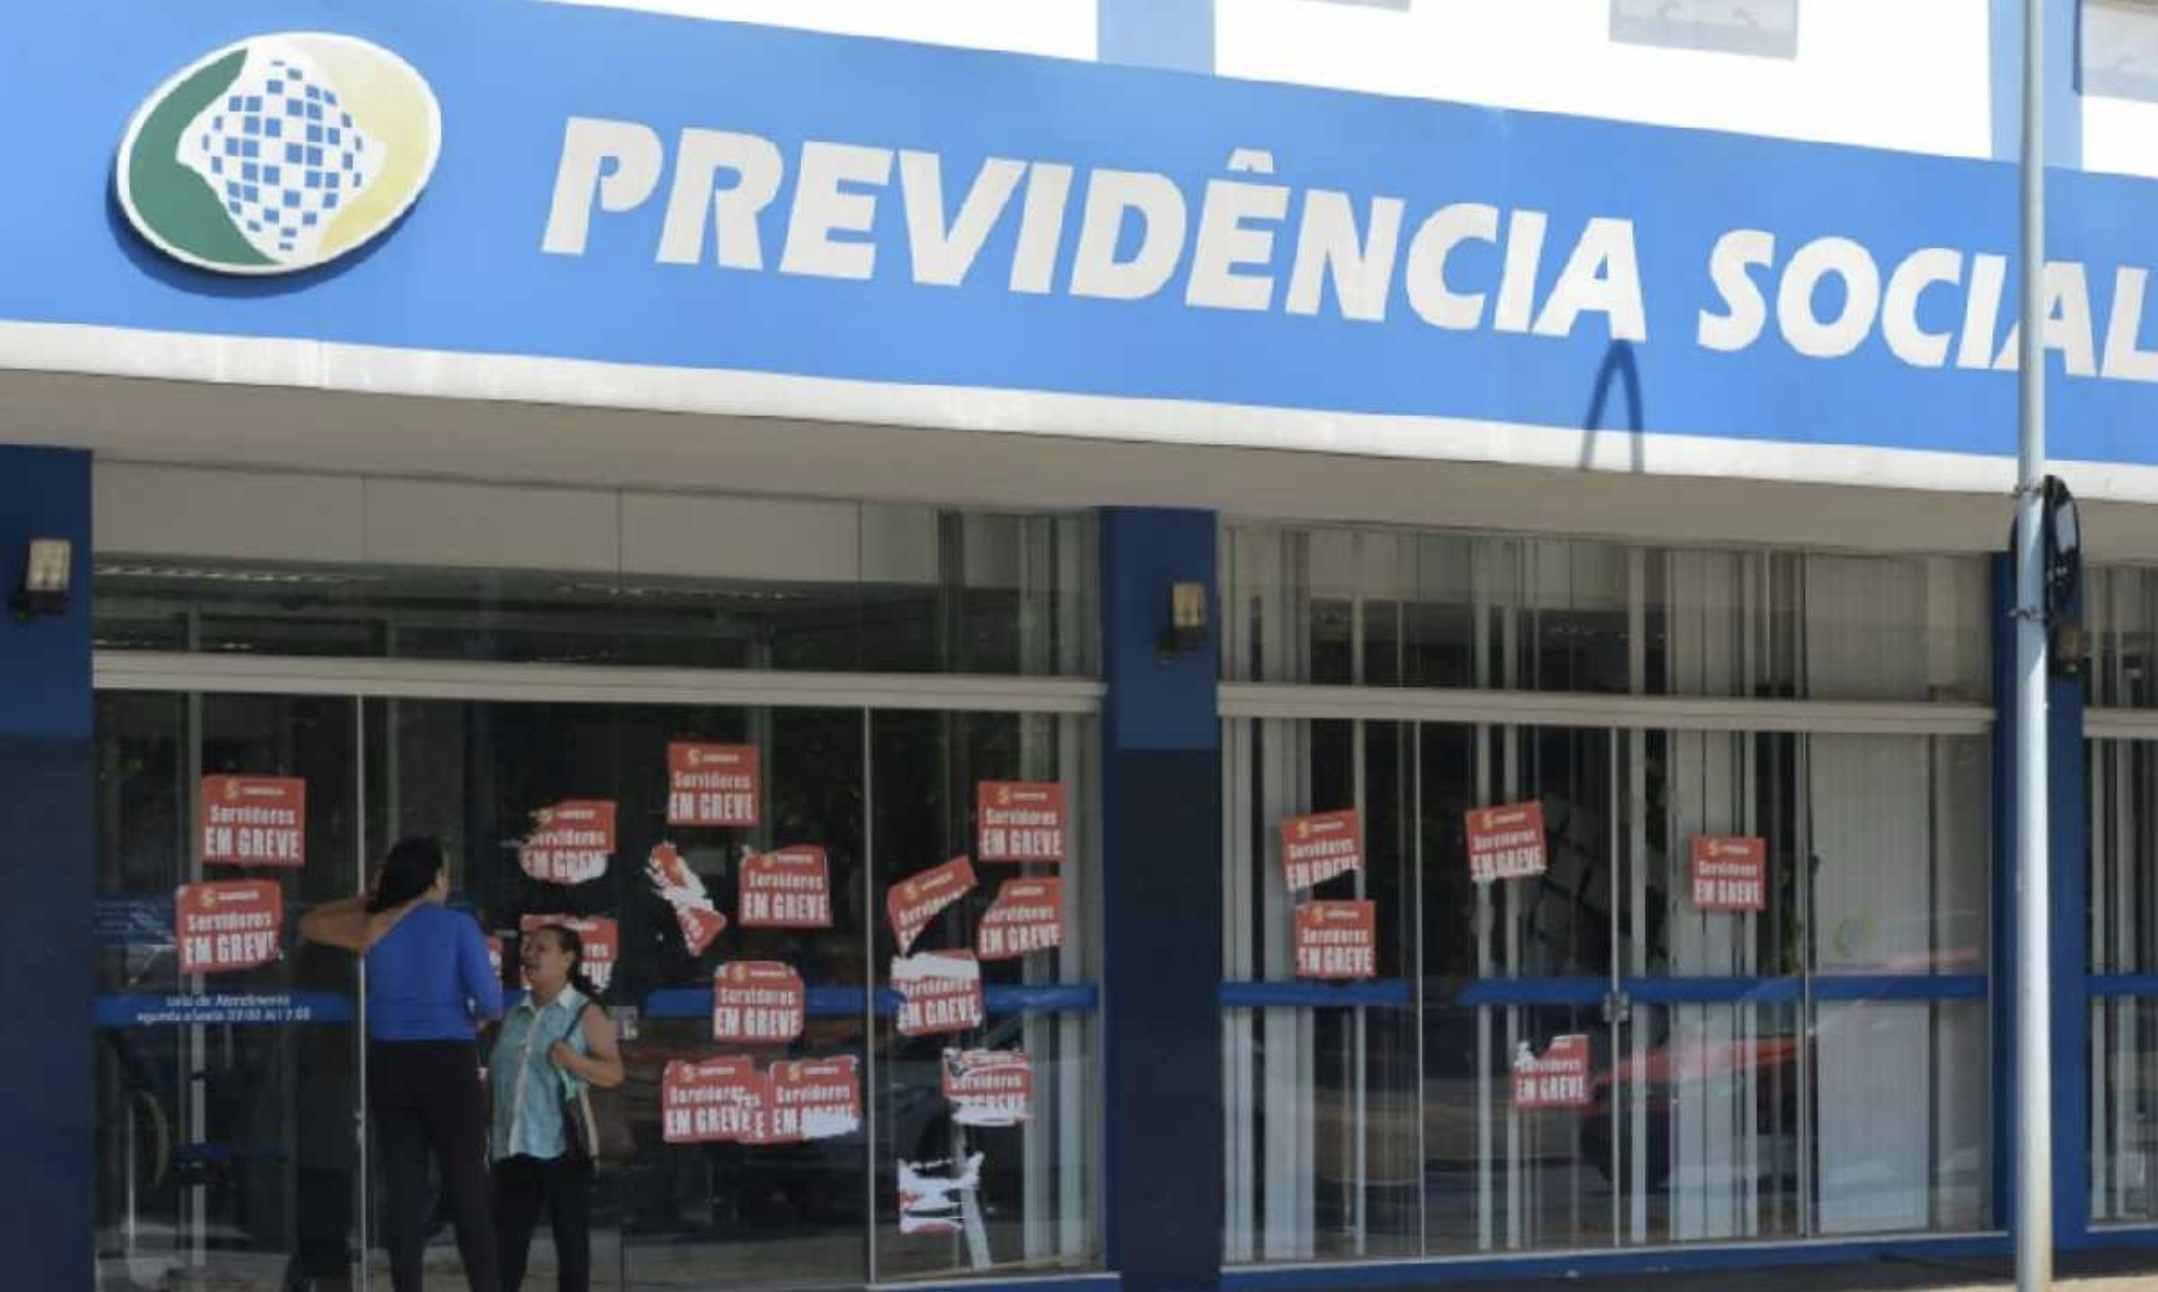 O SERVIÇO SOCIAL EXISTE HÁ 75 ANOS DENTRO DAS AGÊNCIAS DO INSS (FOTO: VALTER CAMPANATO/ AGÊNCIA BRASIL)